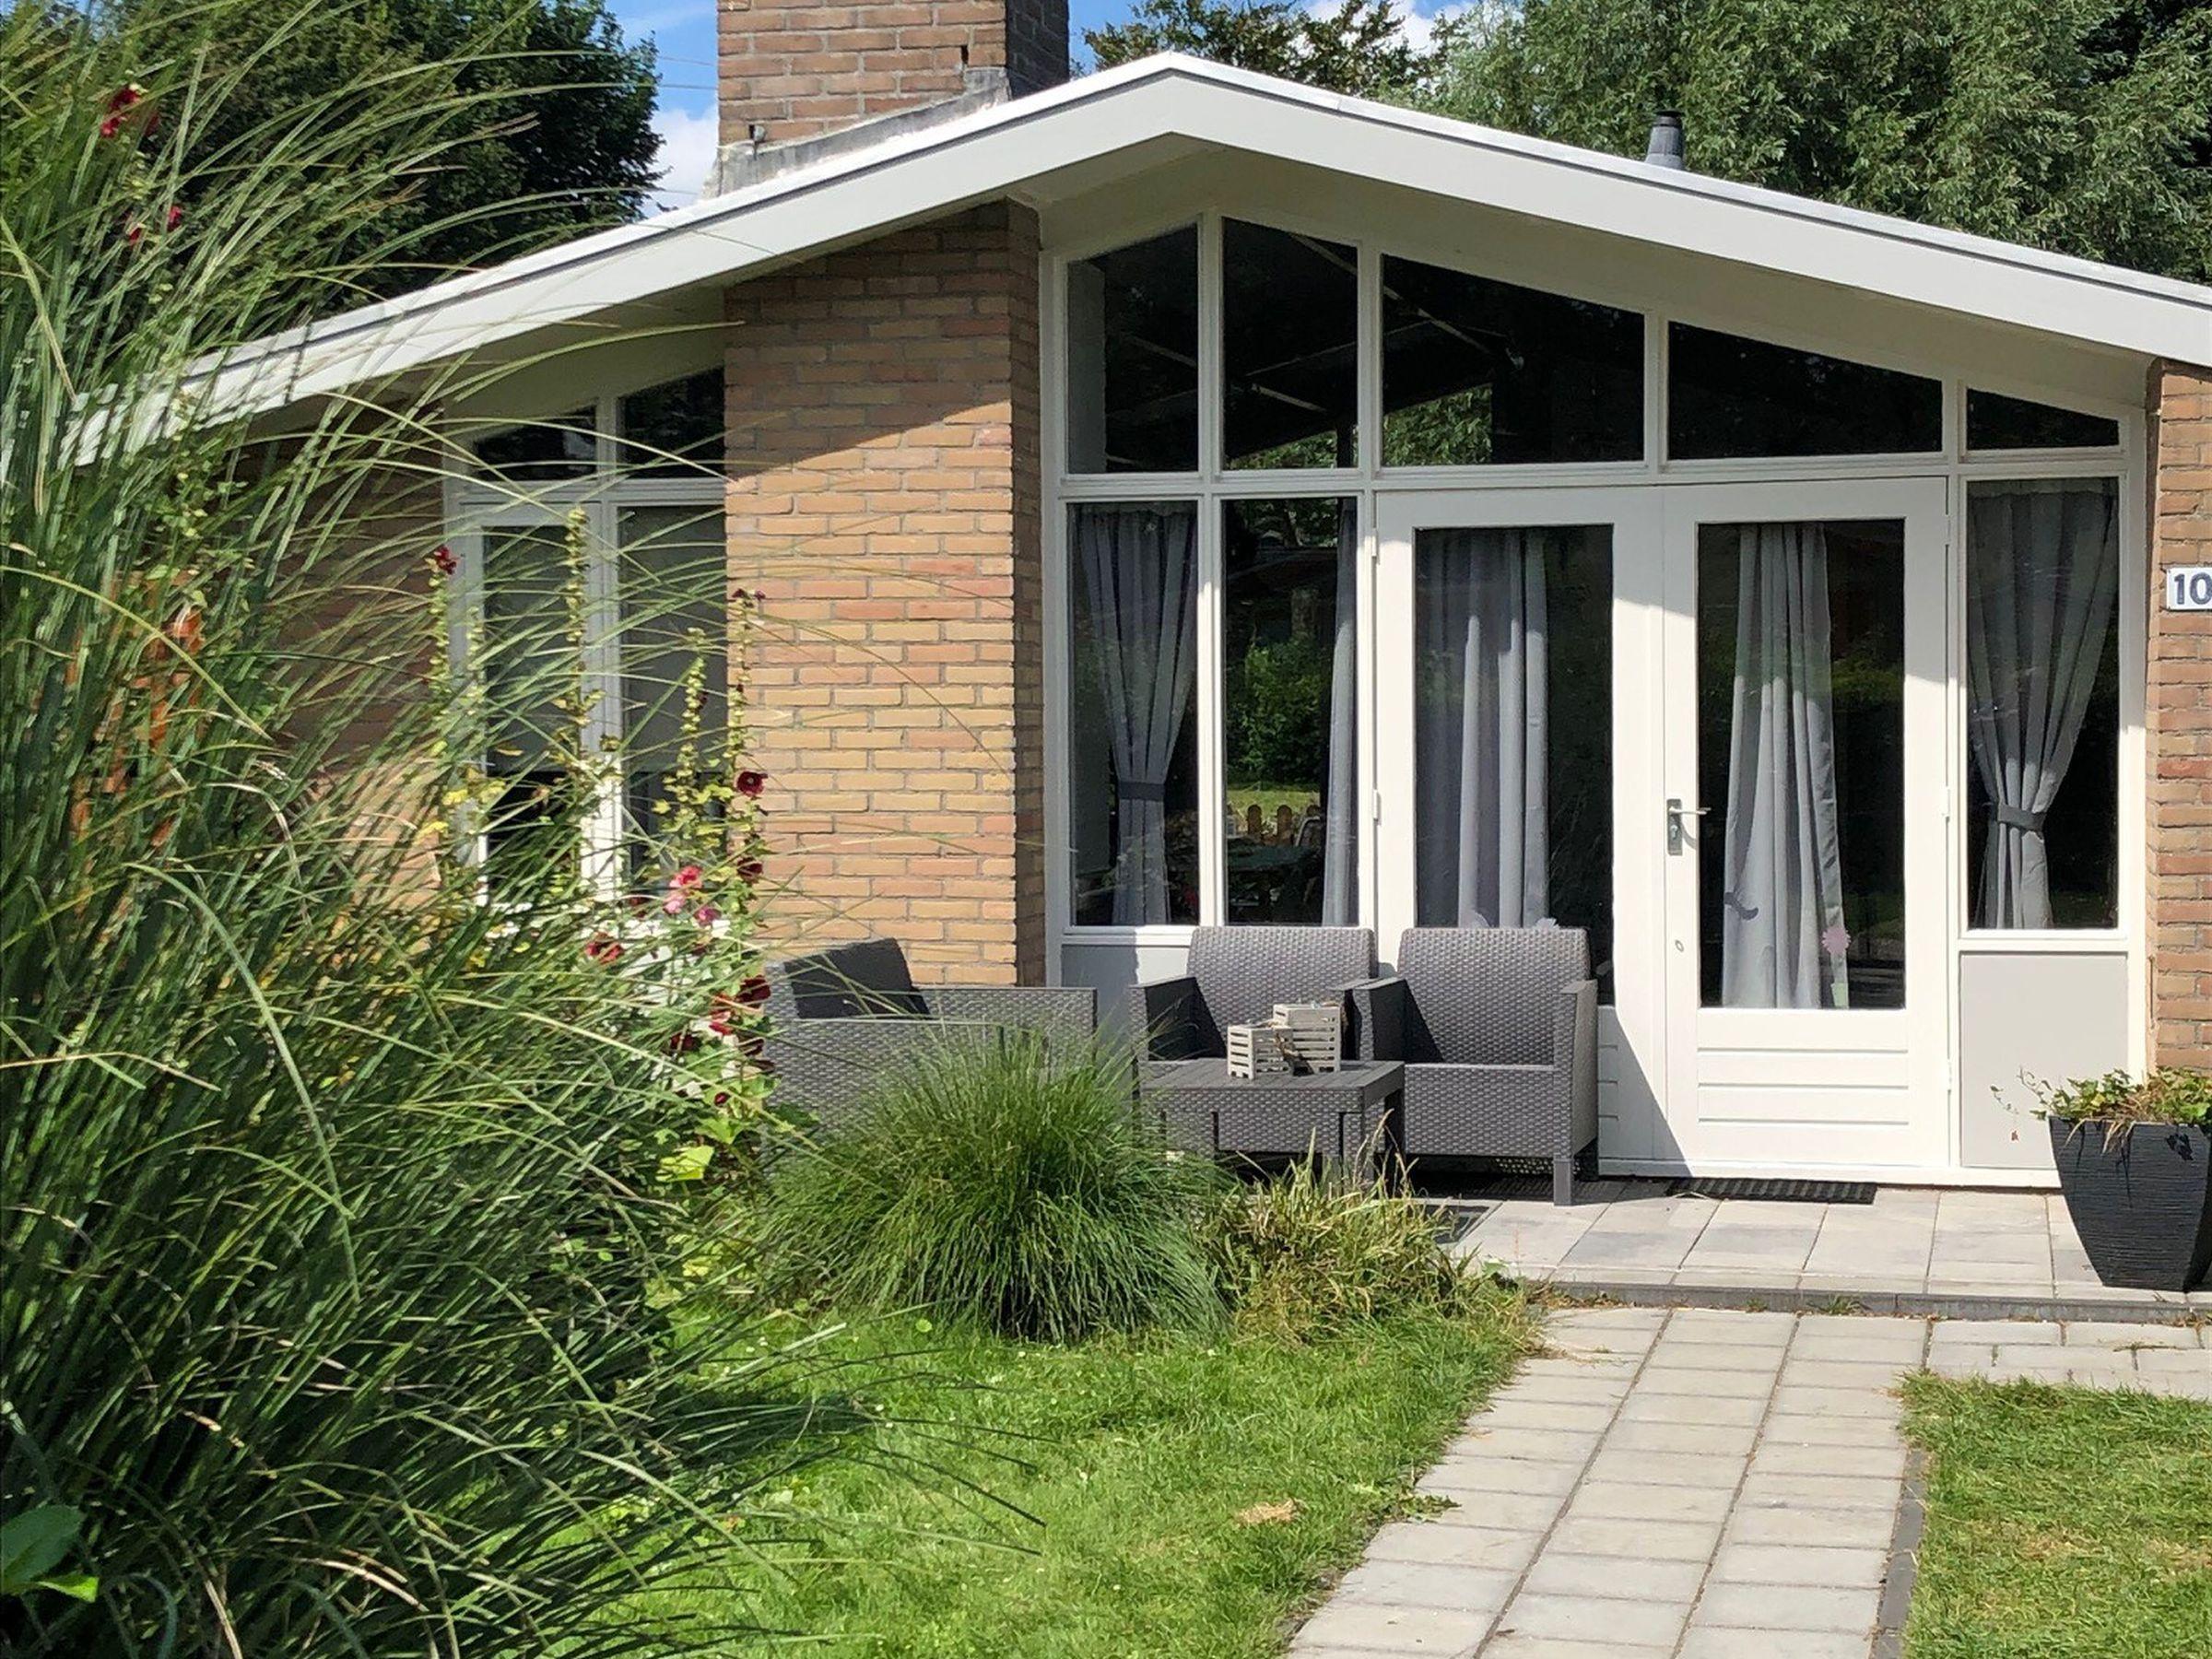 Hygge House 10 Andijk Hygge House am Wasser Nr 10 52qm 2 Schlafzimmer max 5 Personen